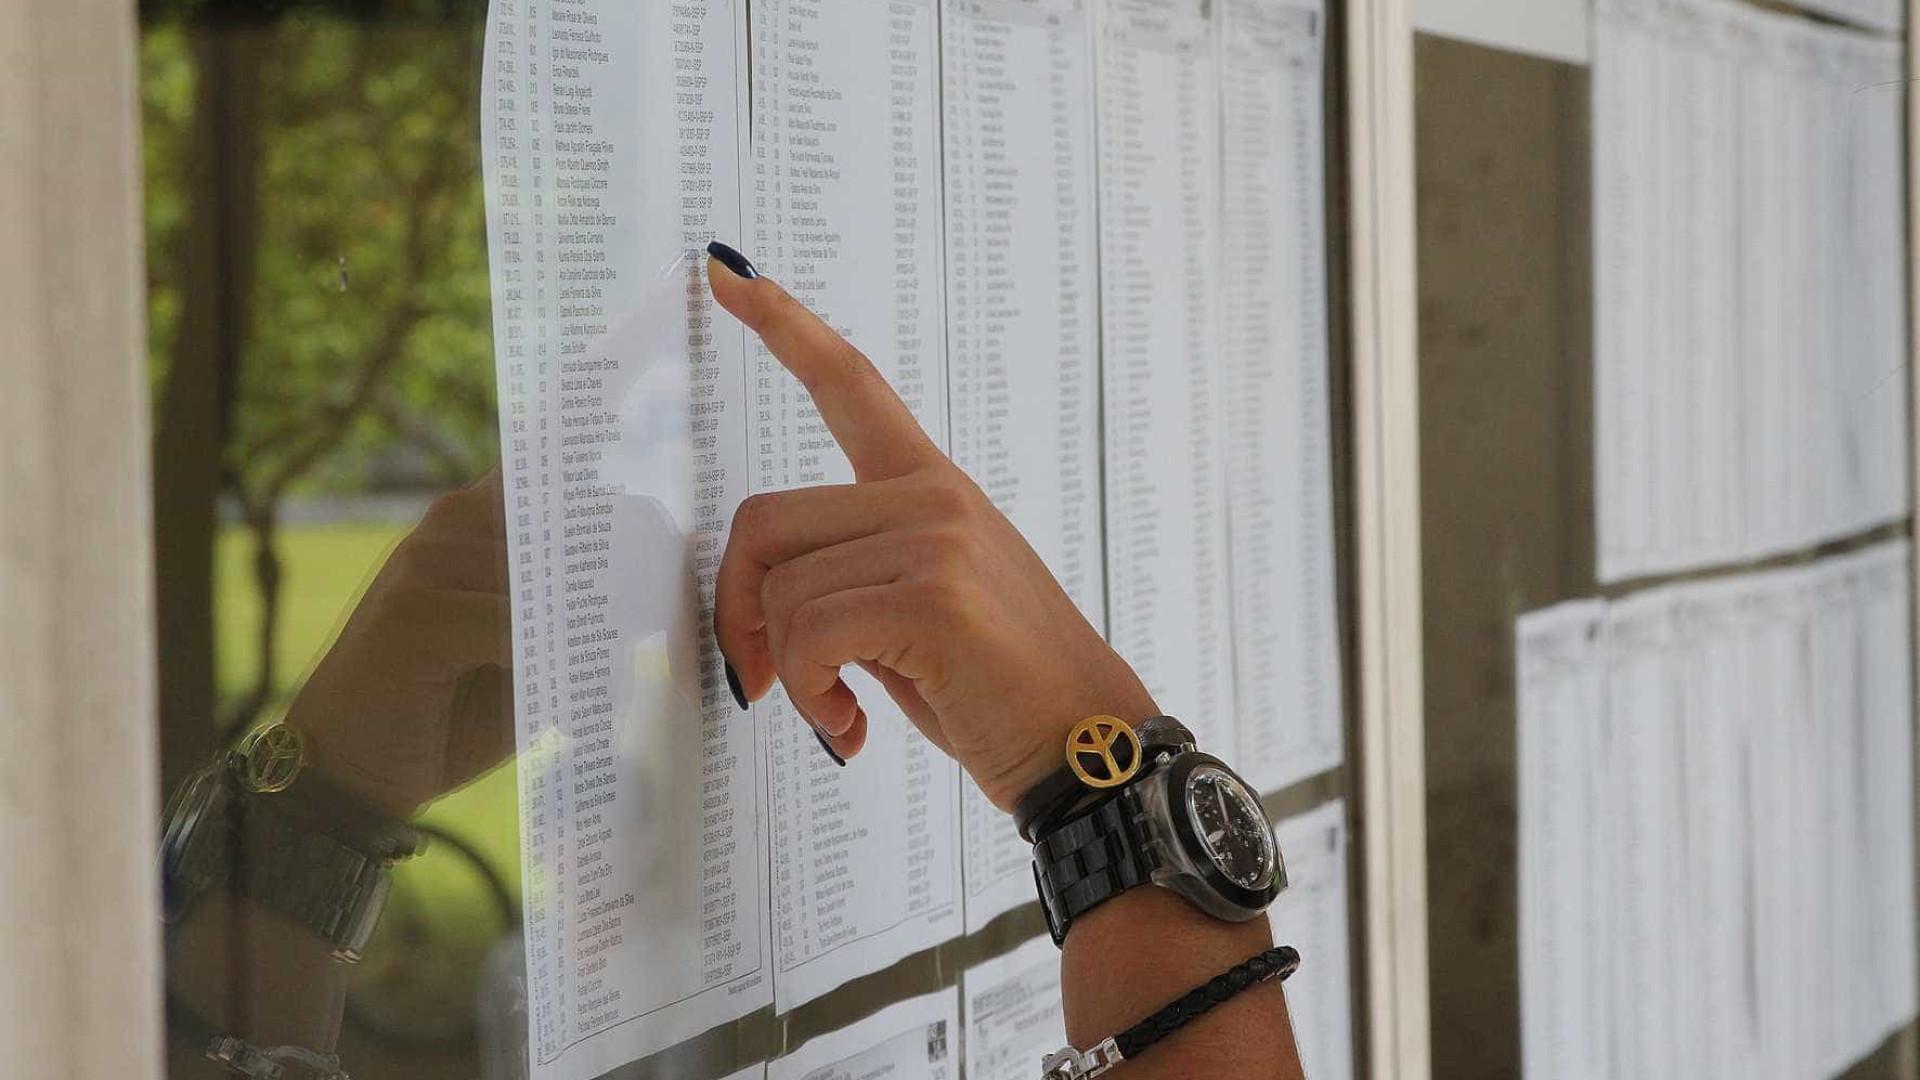 Sisu abre inscrições na terça; veja dicas para conseguir uma vaga